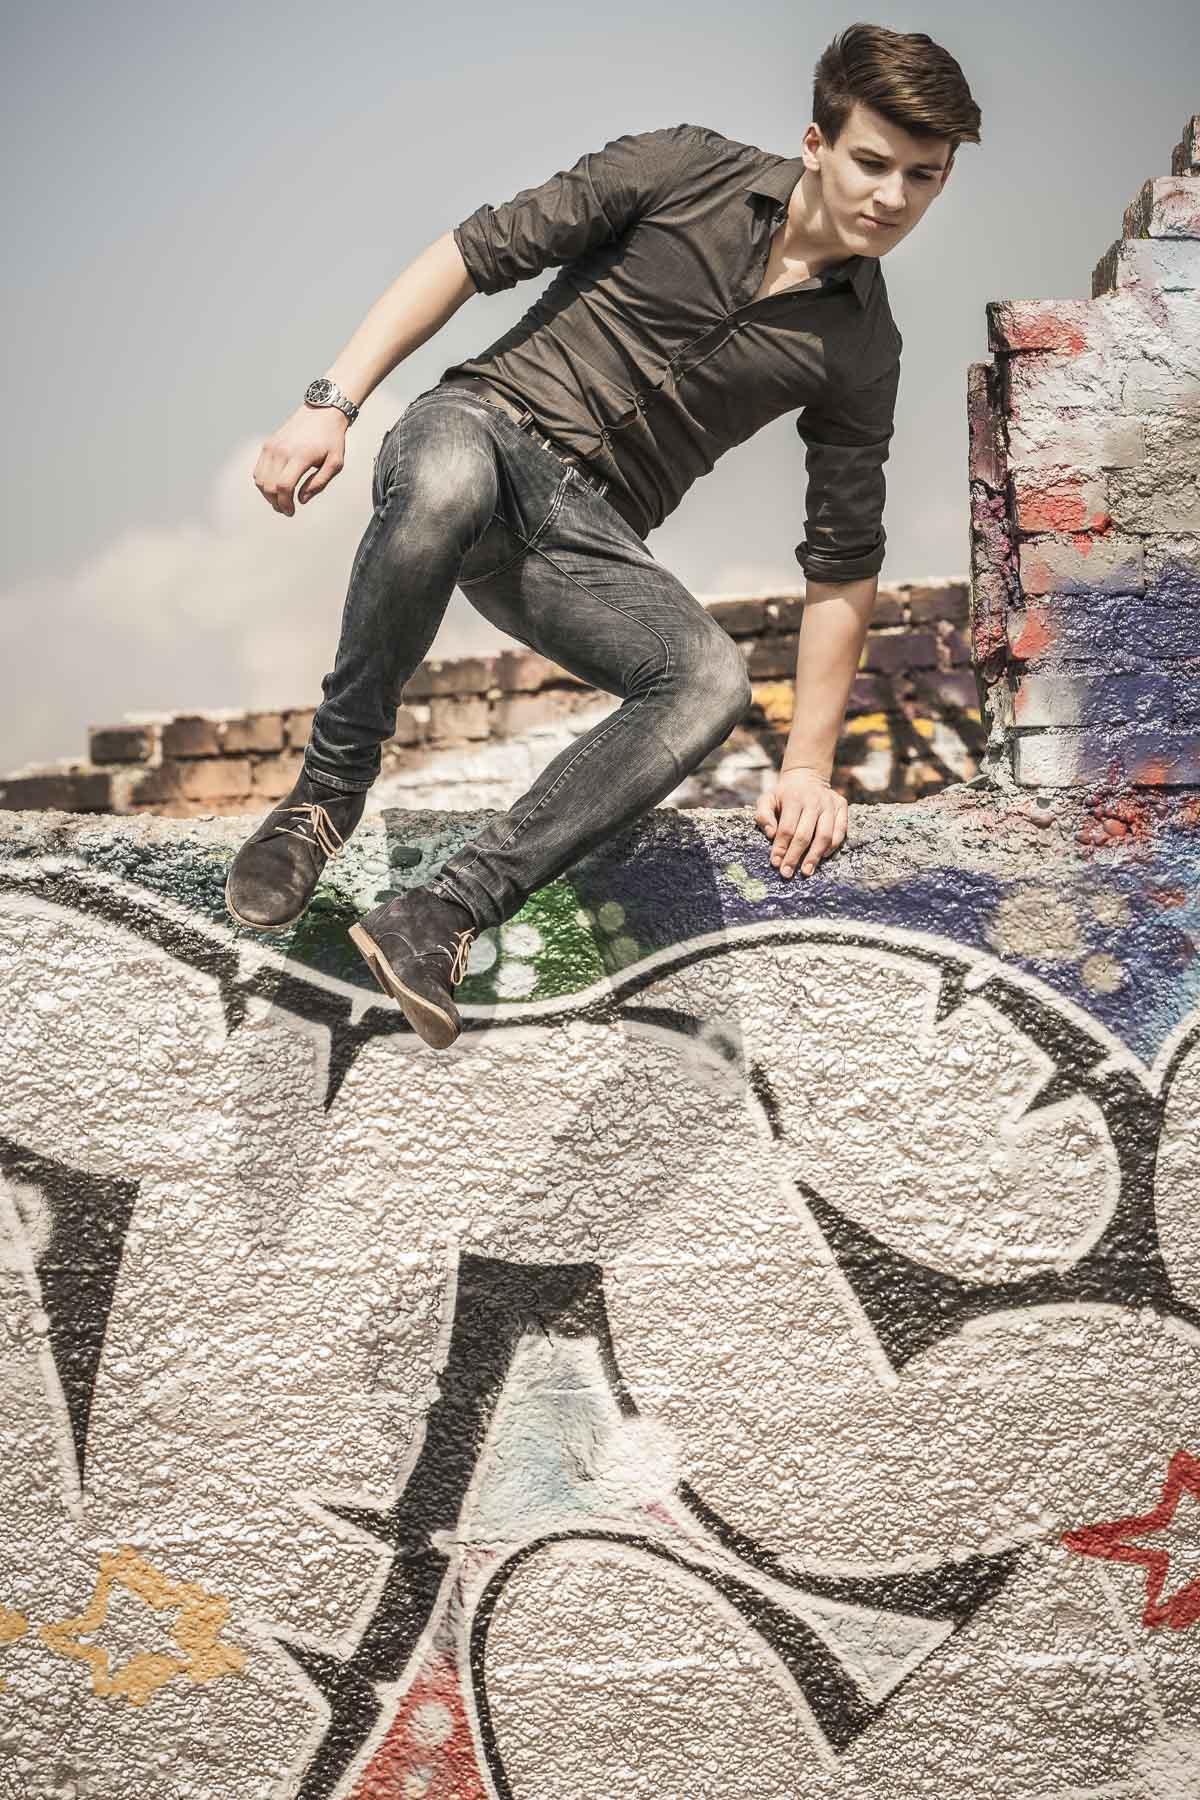 Teenager springt von einem Mauer. Lifestyle - Derek Henthorn - Fotograf München